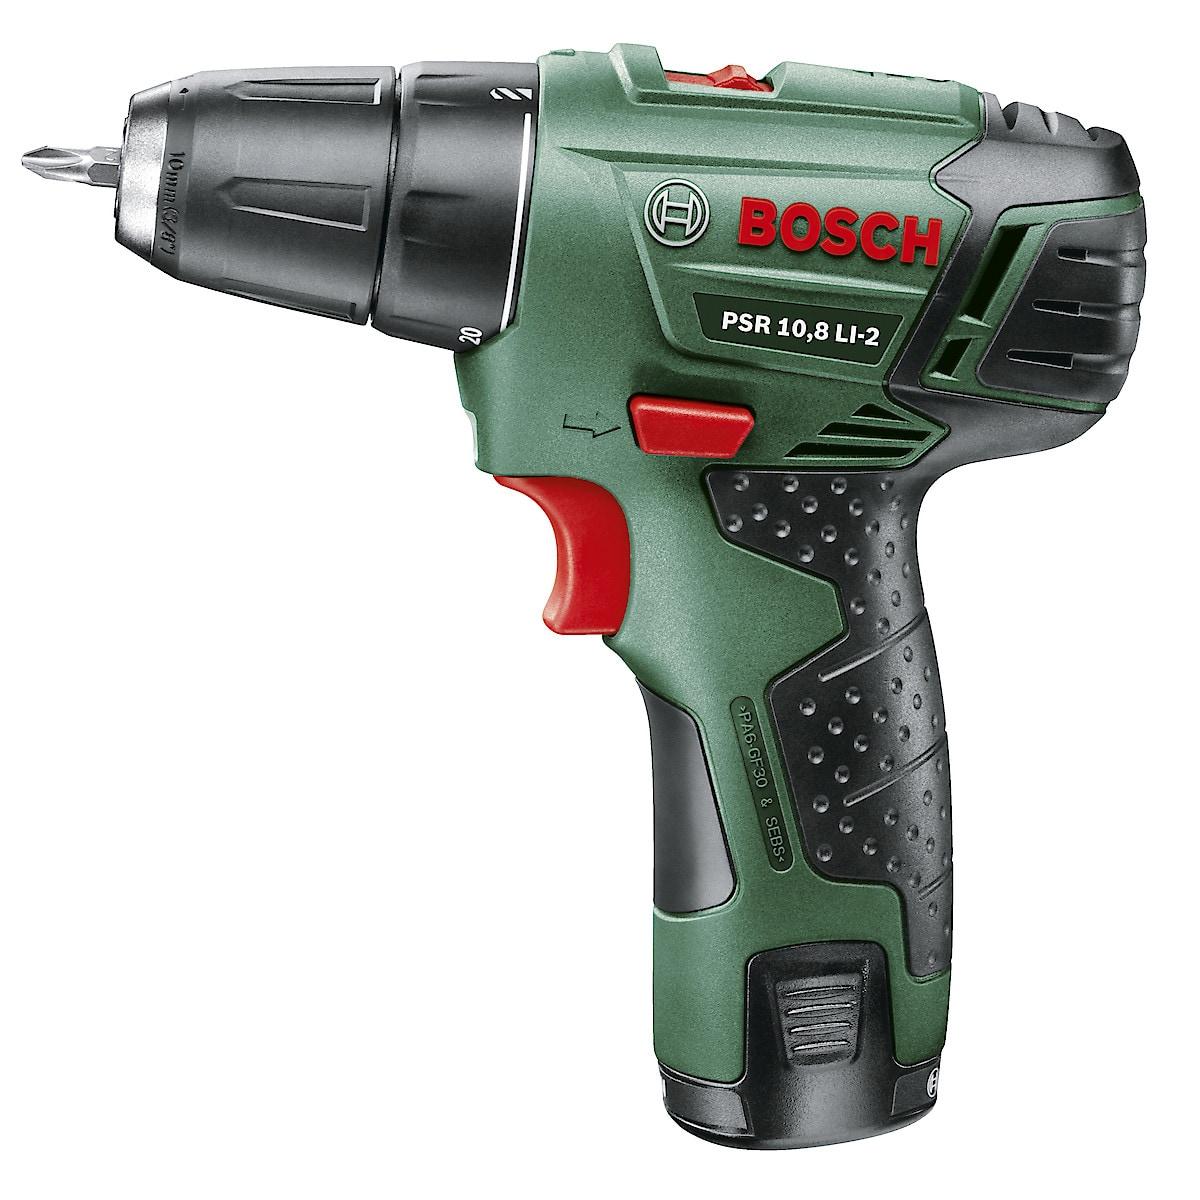 Borrmaskin/skruvdragare Bosch PSR 10,8 LI-2